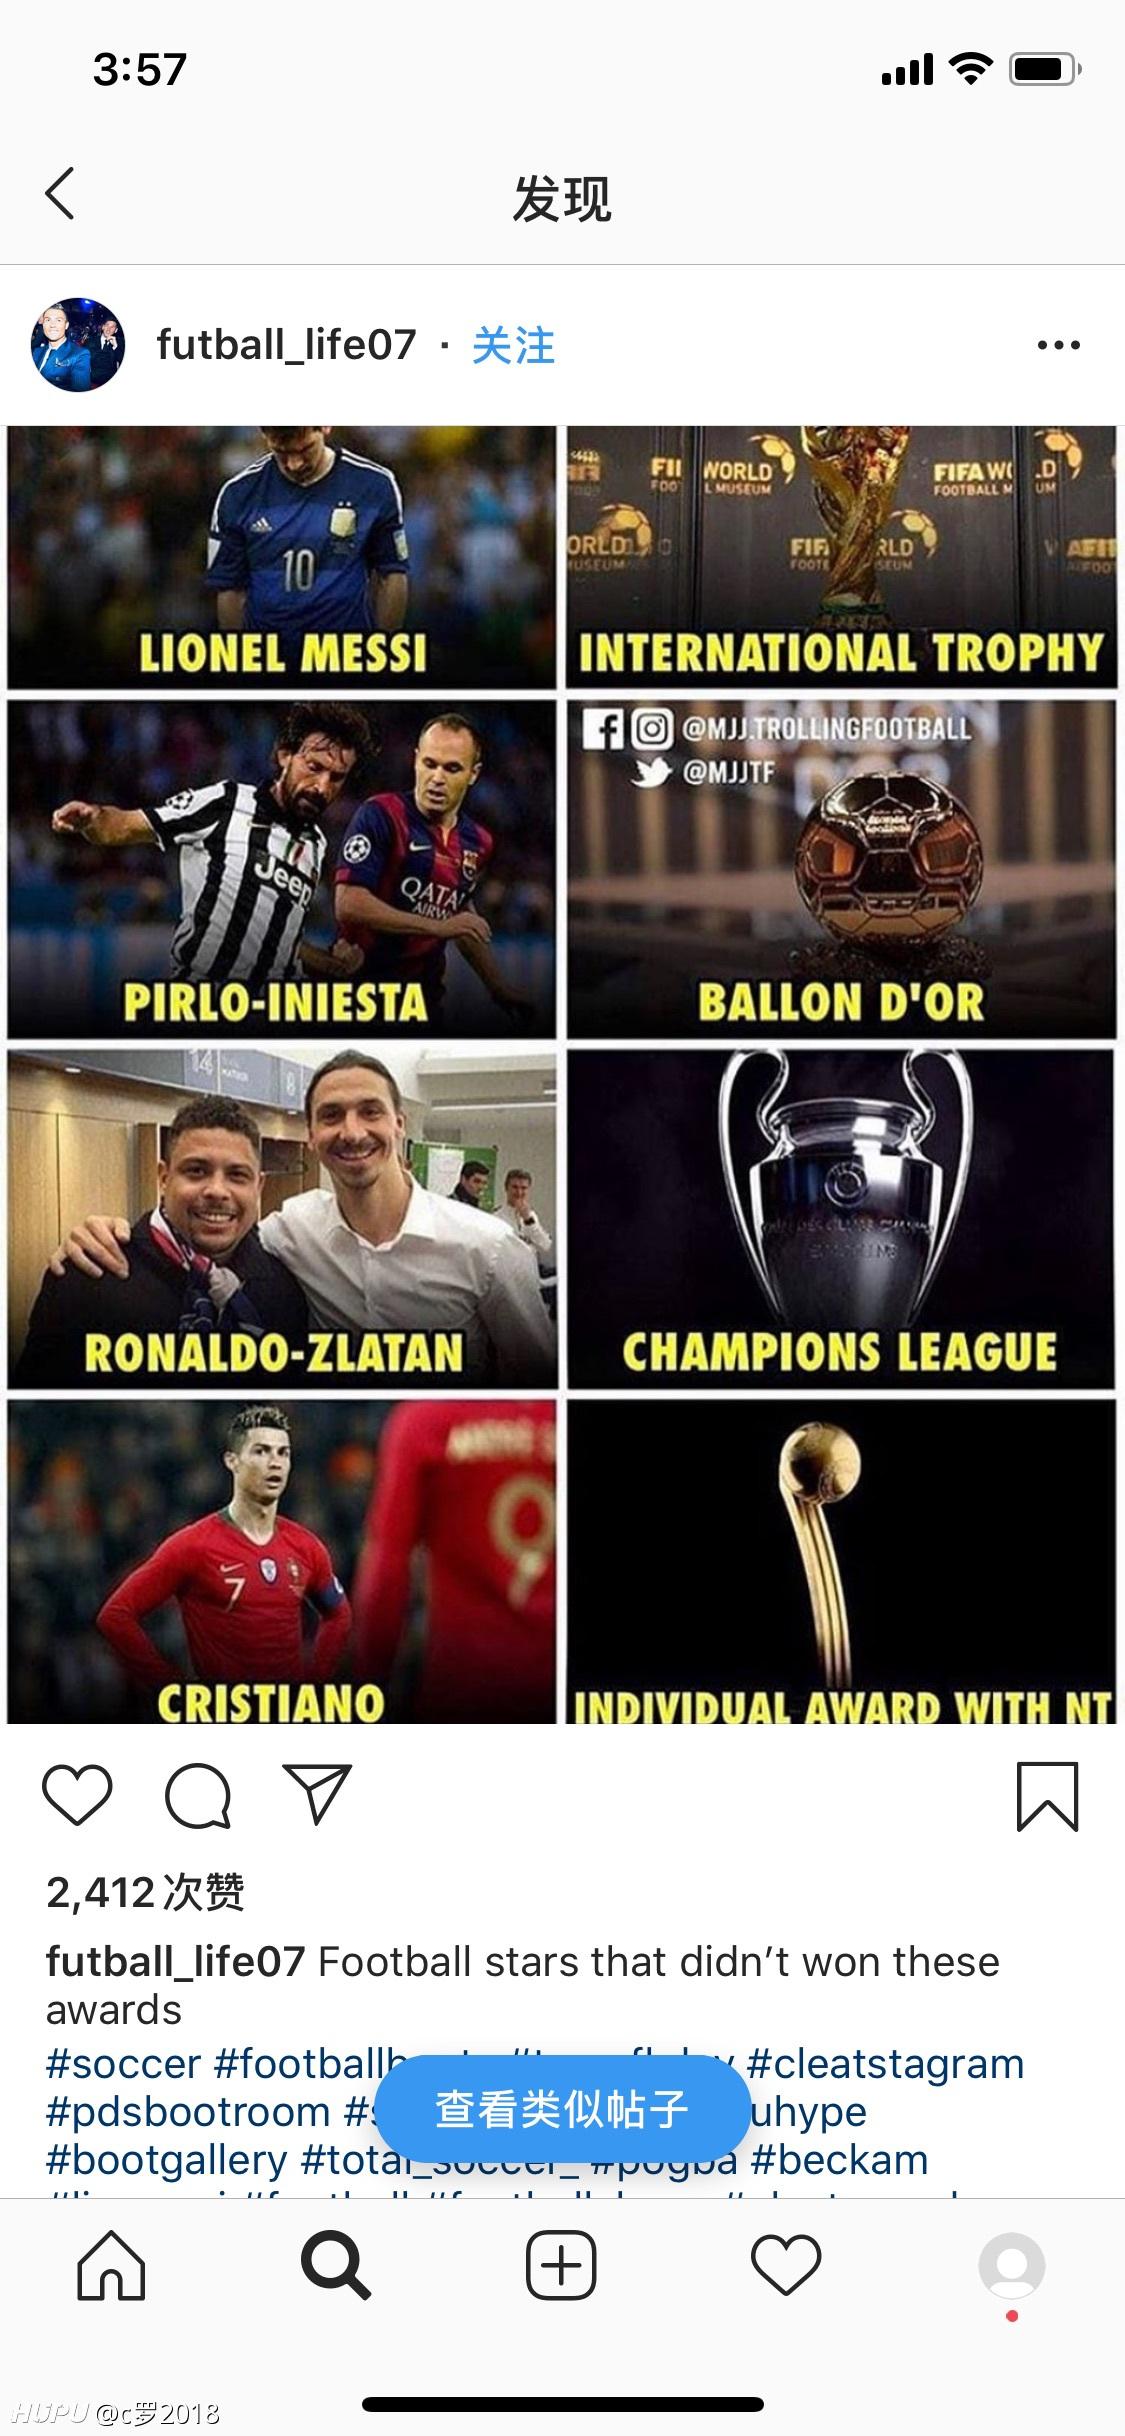 几大巨星荣誉上的缺憾  足球话题区